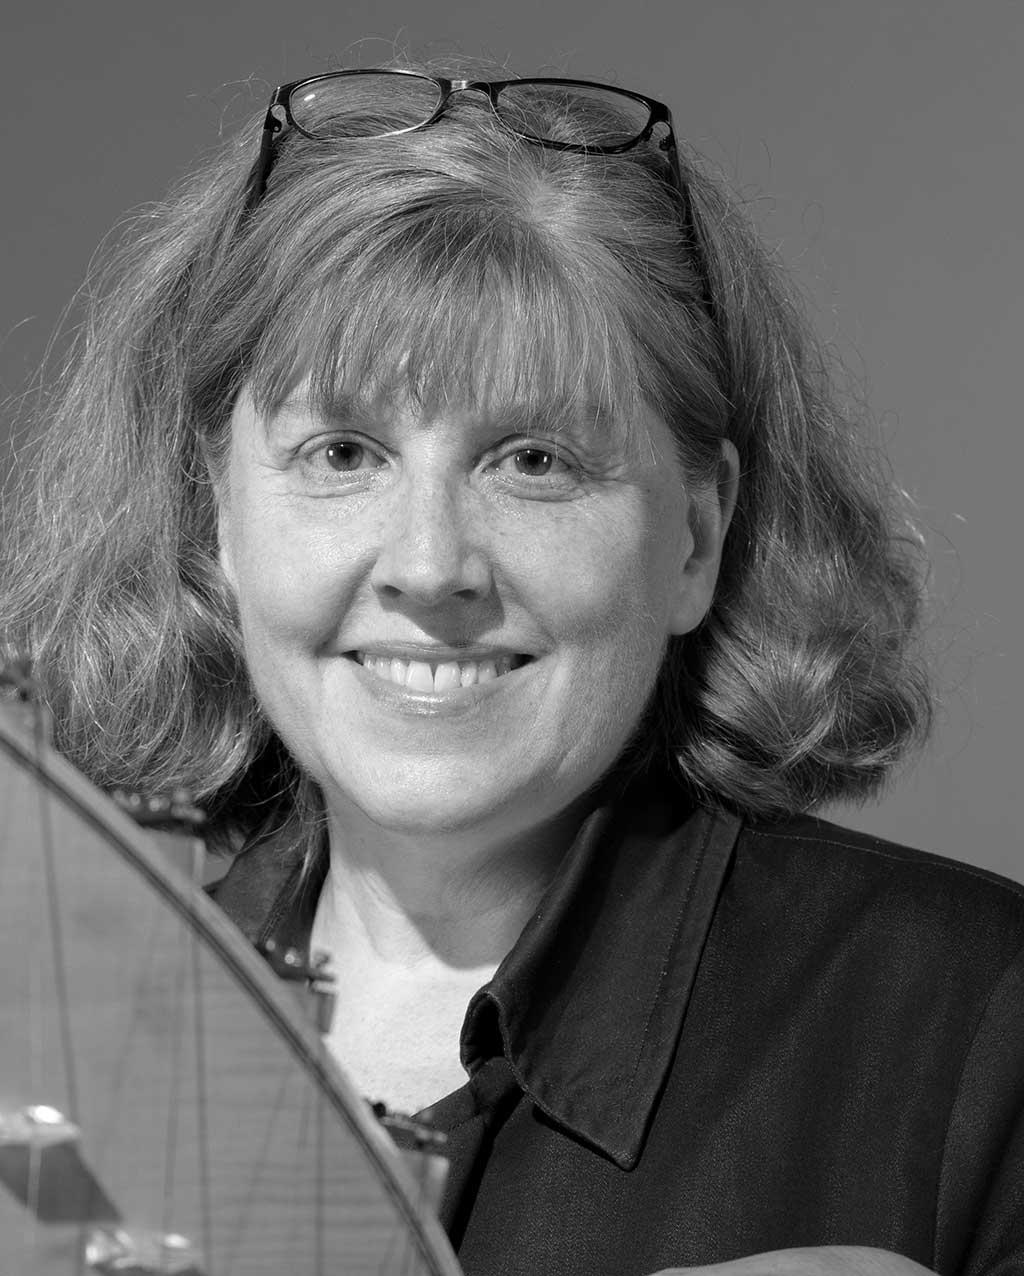 Interprète soliste et chambriste, spécialiste des ondes Martenot depuis 25 ans, Estelle Lemire privilégie d'abord la création de la musique nouvelle et cherche à faire mieux connaître et apprécier son instrument. (Photo: courtoisie du Conservatoire de musique de Montréal)